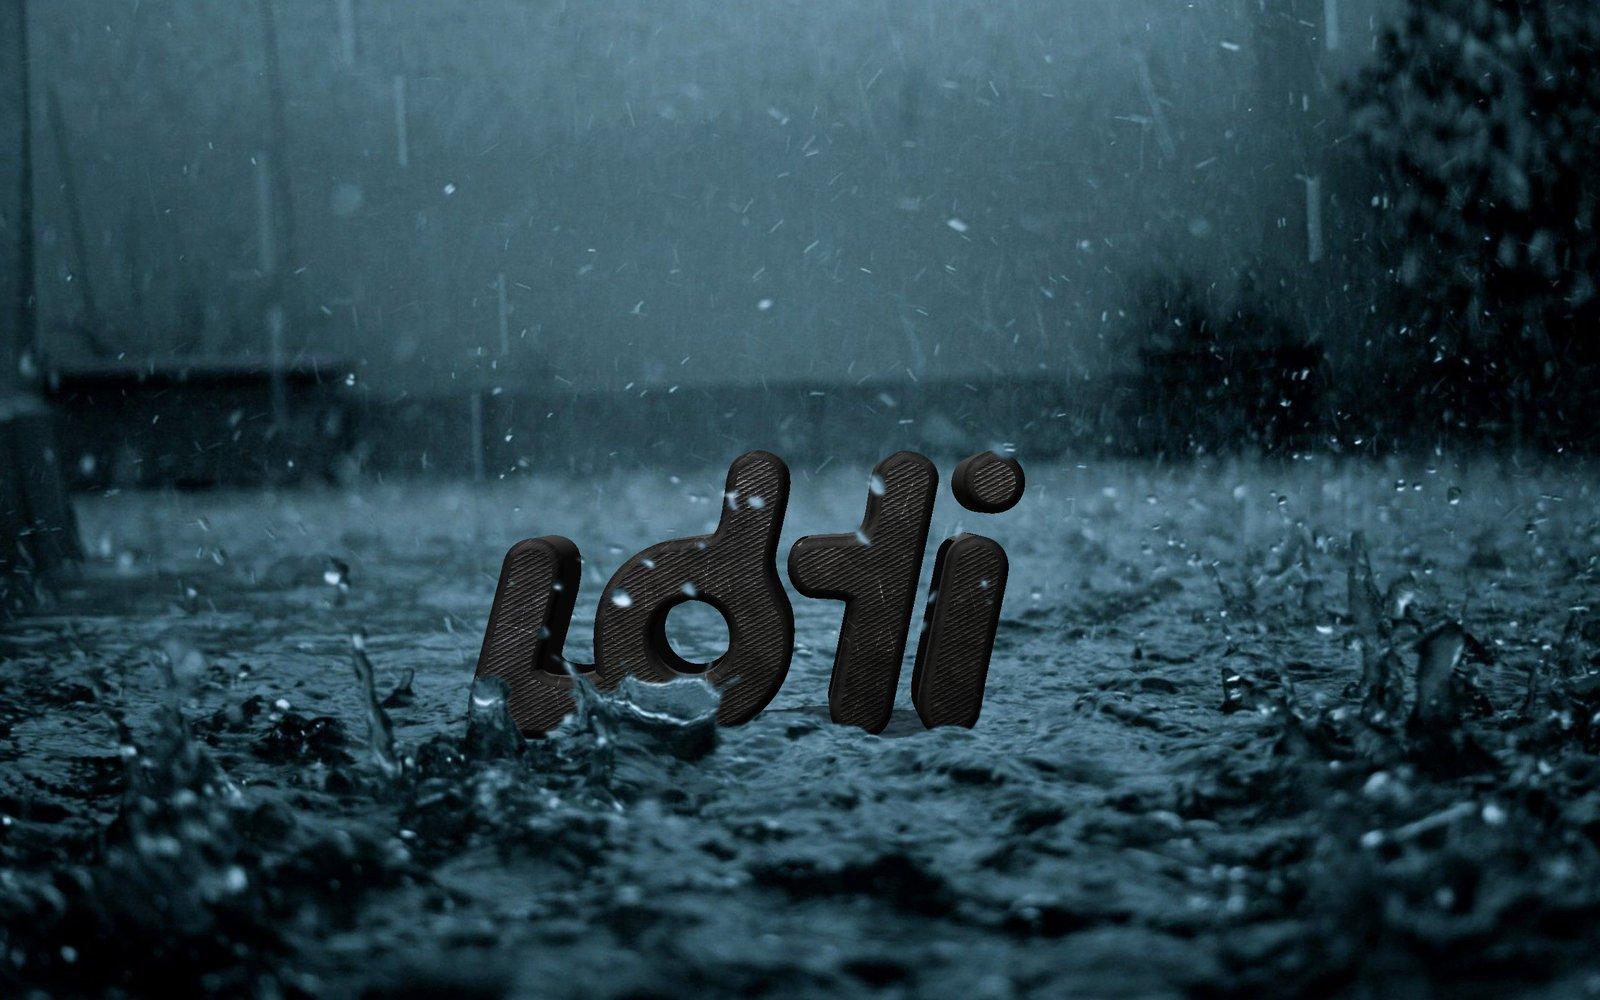 Lohi in the rain